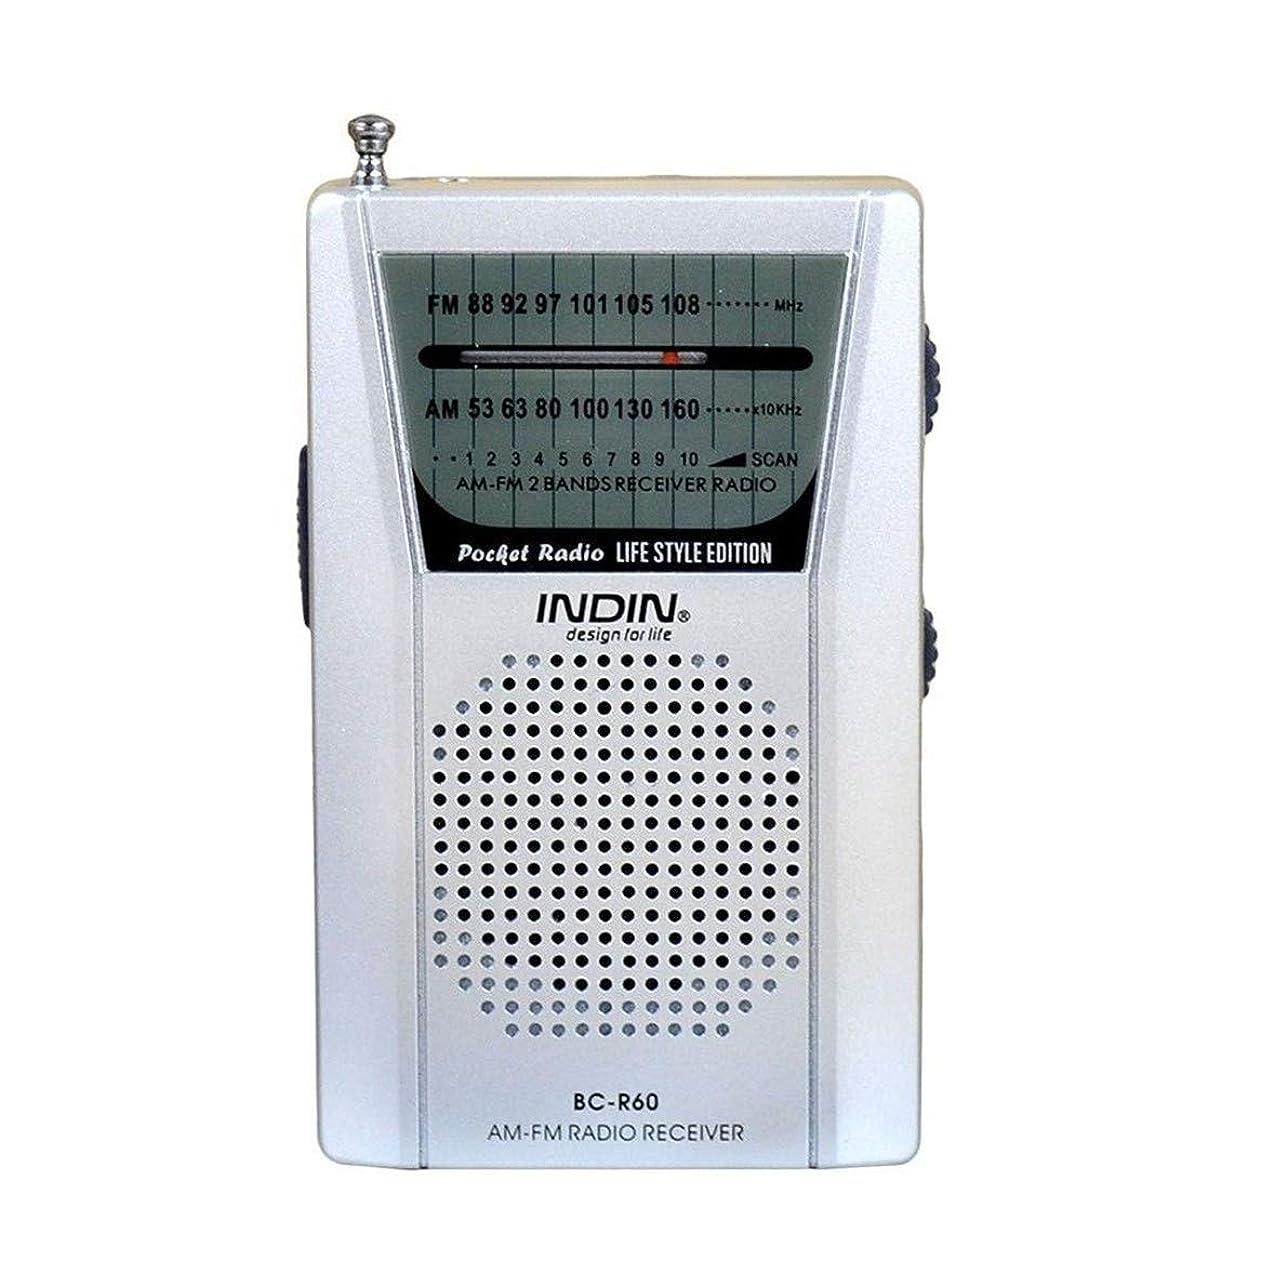 容量最近子ラジオ 小型 FM&AM受信 高感度受信 電池式ラジオ? ポケットラジオ小型 ミニラジオ 高音質携帯ラジオ?